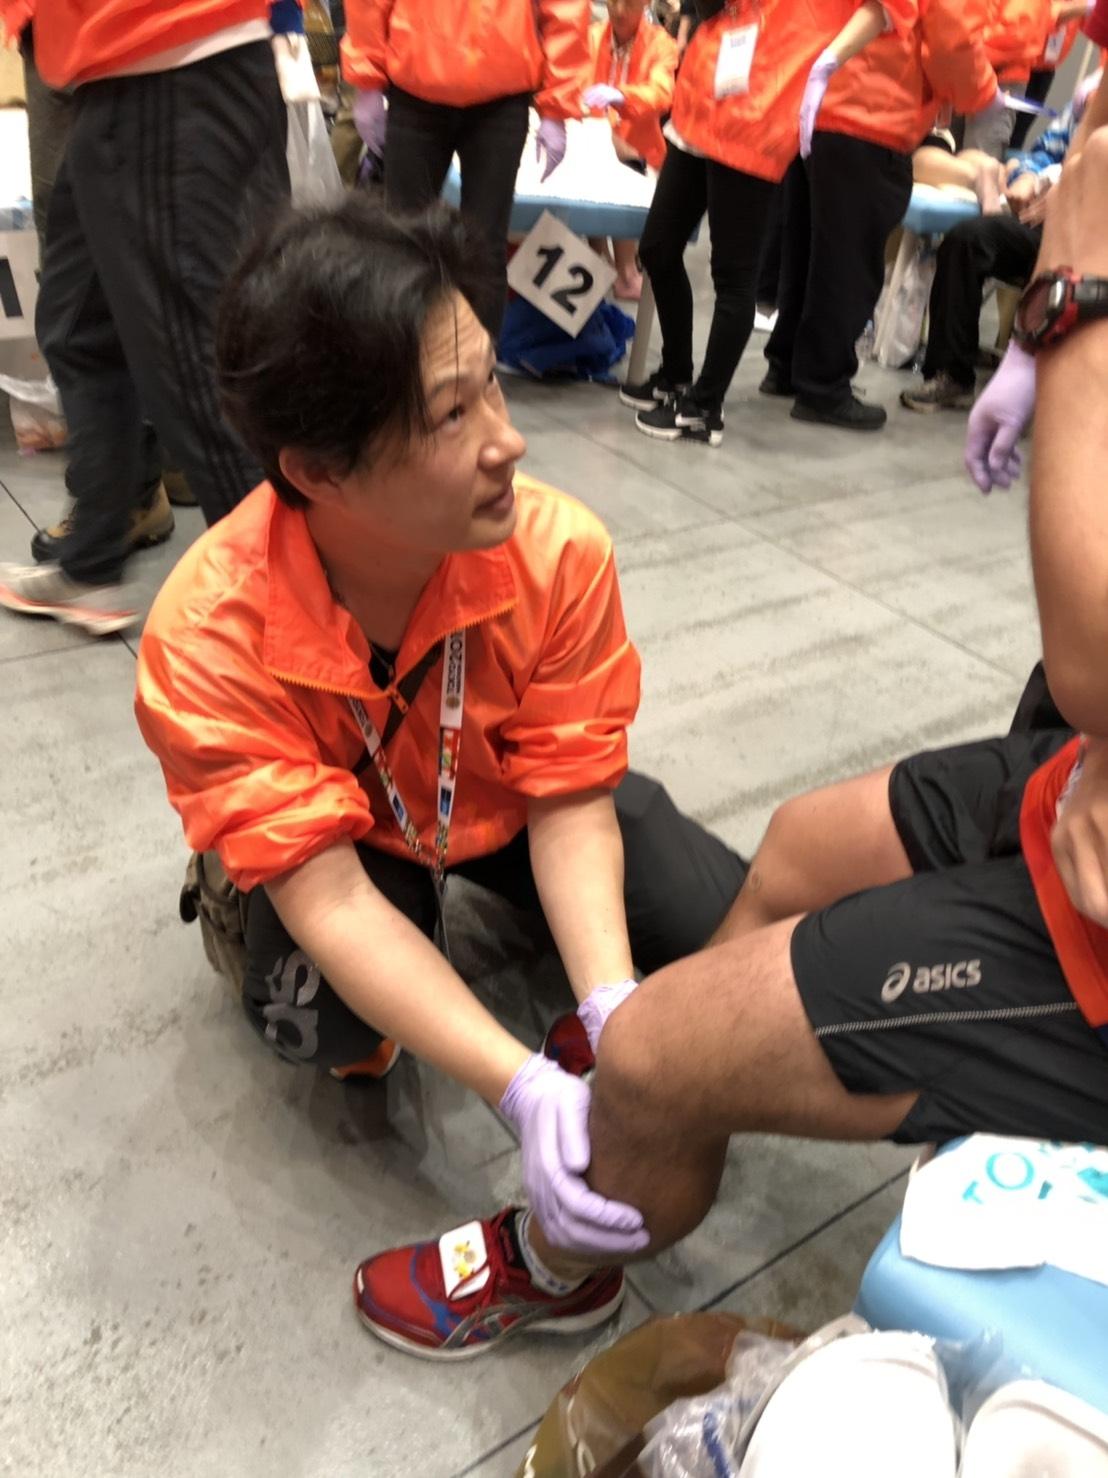 東京マラソン、東京国際フォーラム、ランナーケア、救護、低体温症、疲労骨折、温活、